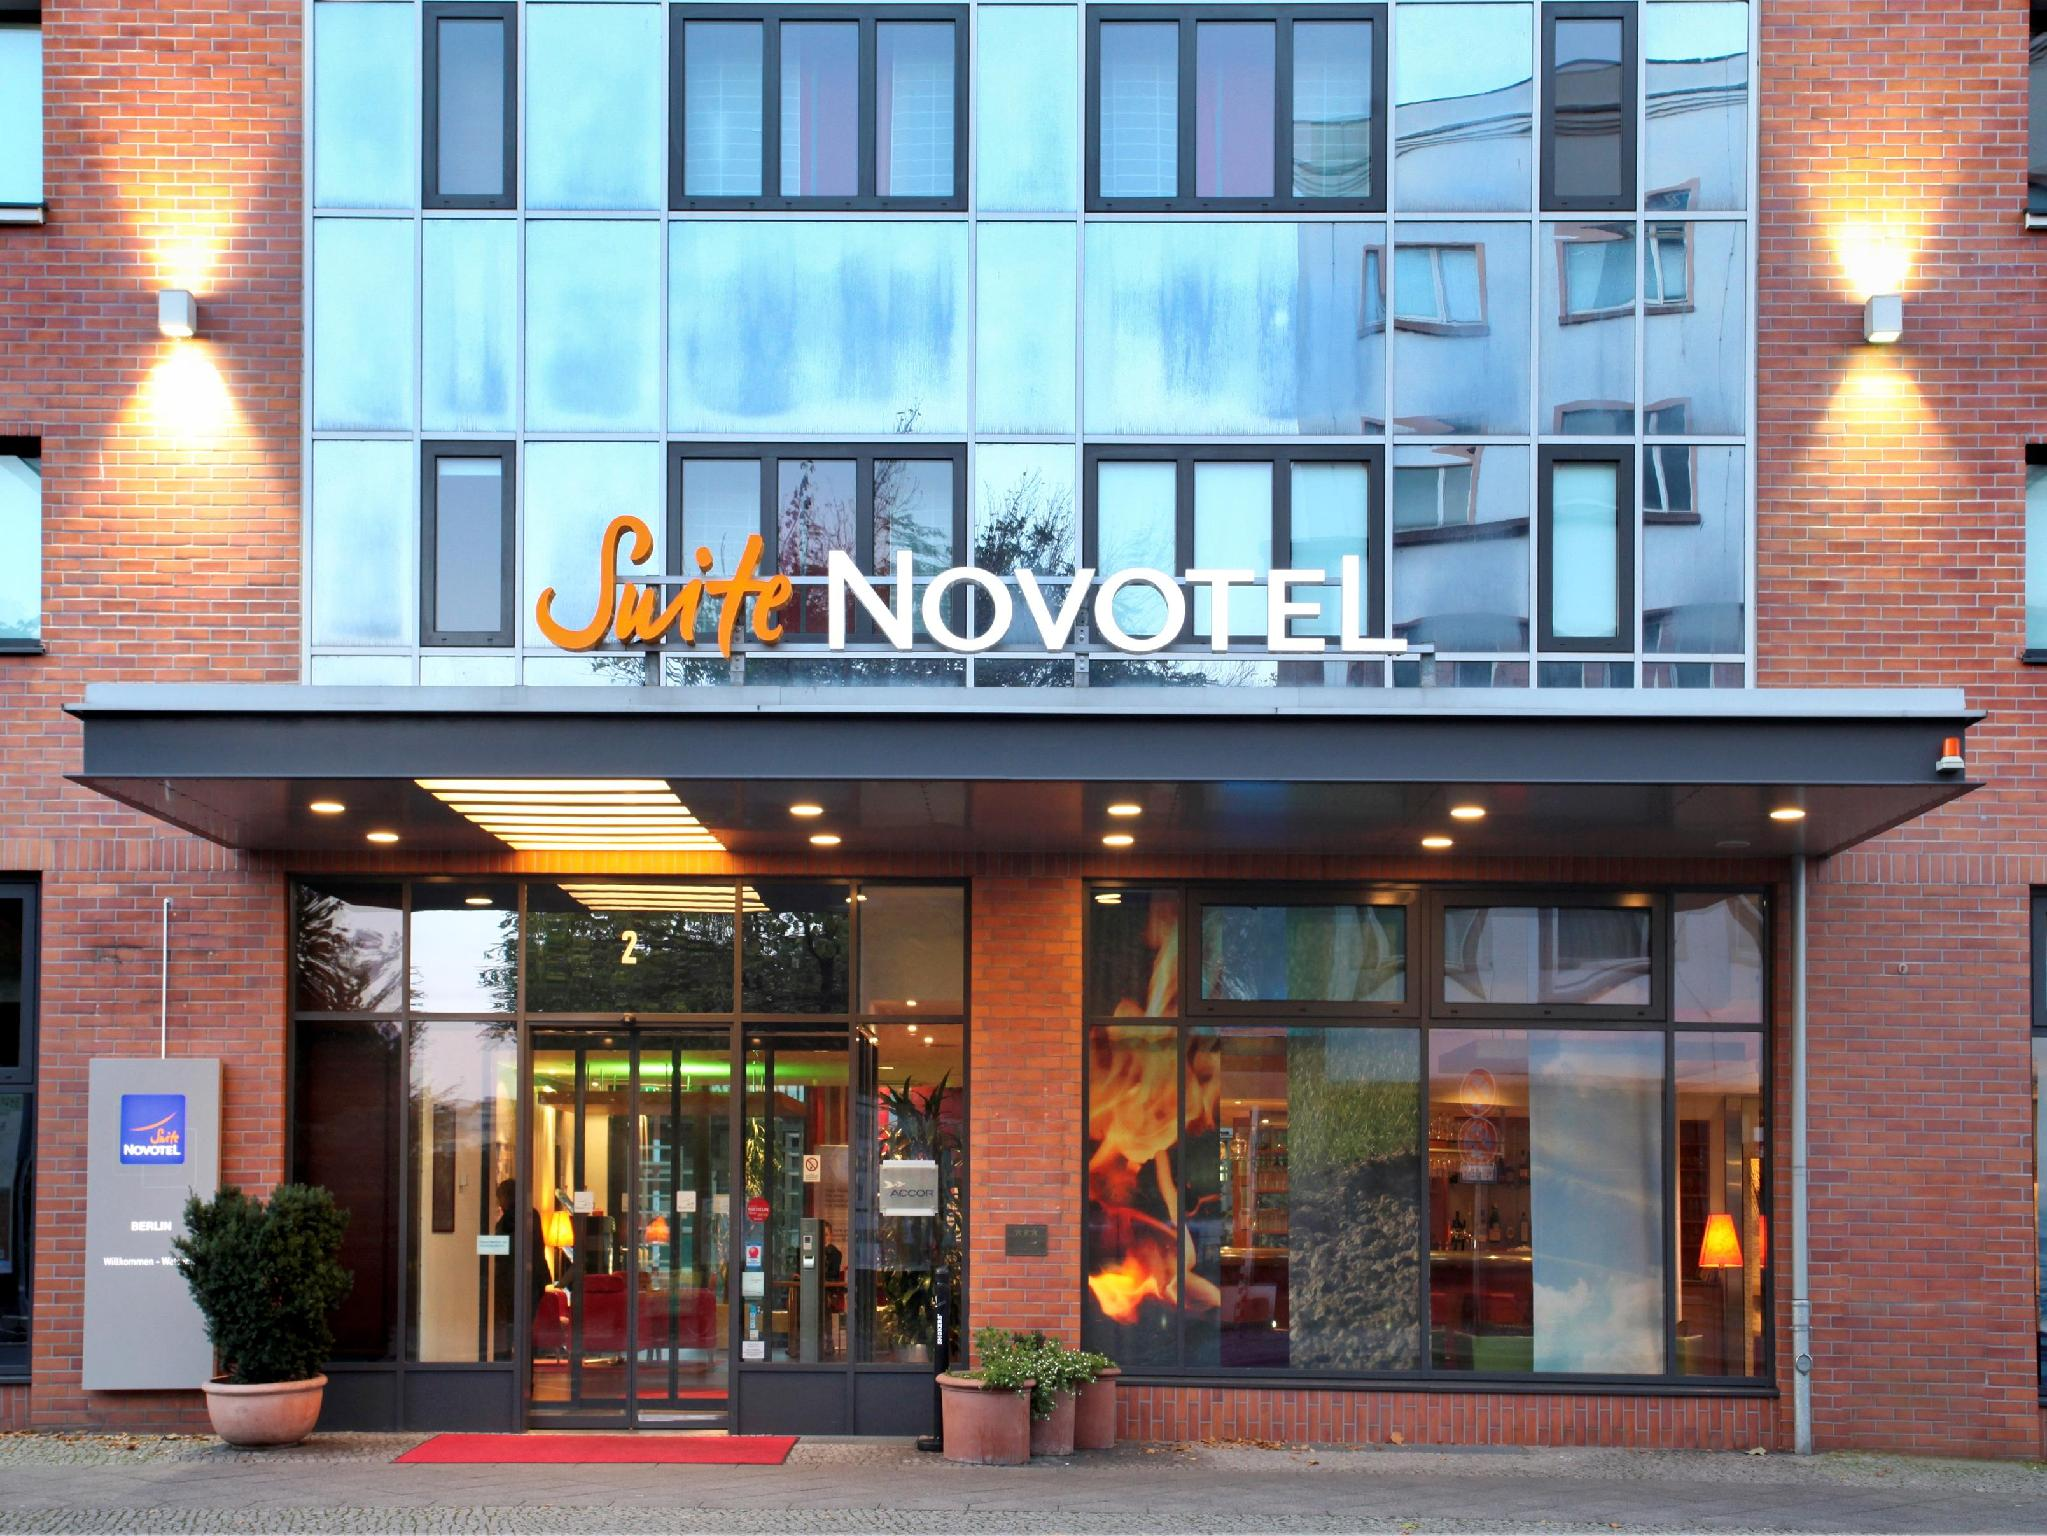 โรงแรมสูท โนโวเทล เบอร์ลิน พอทดัมเมอร์ พลัทซ์